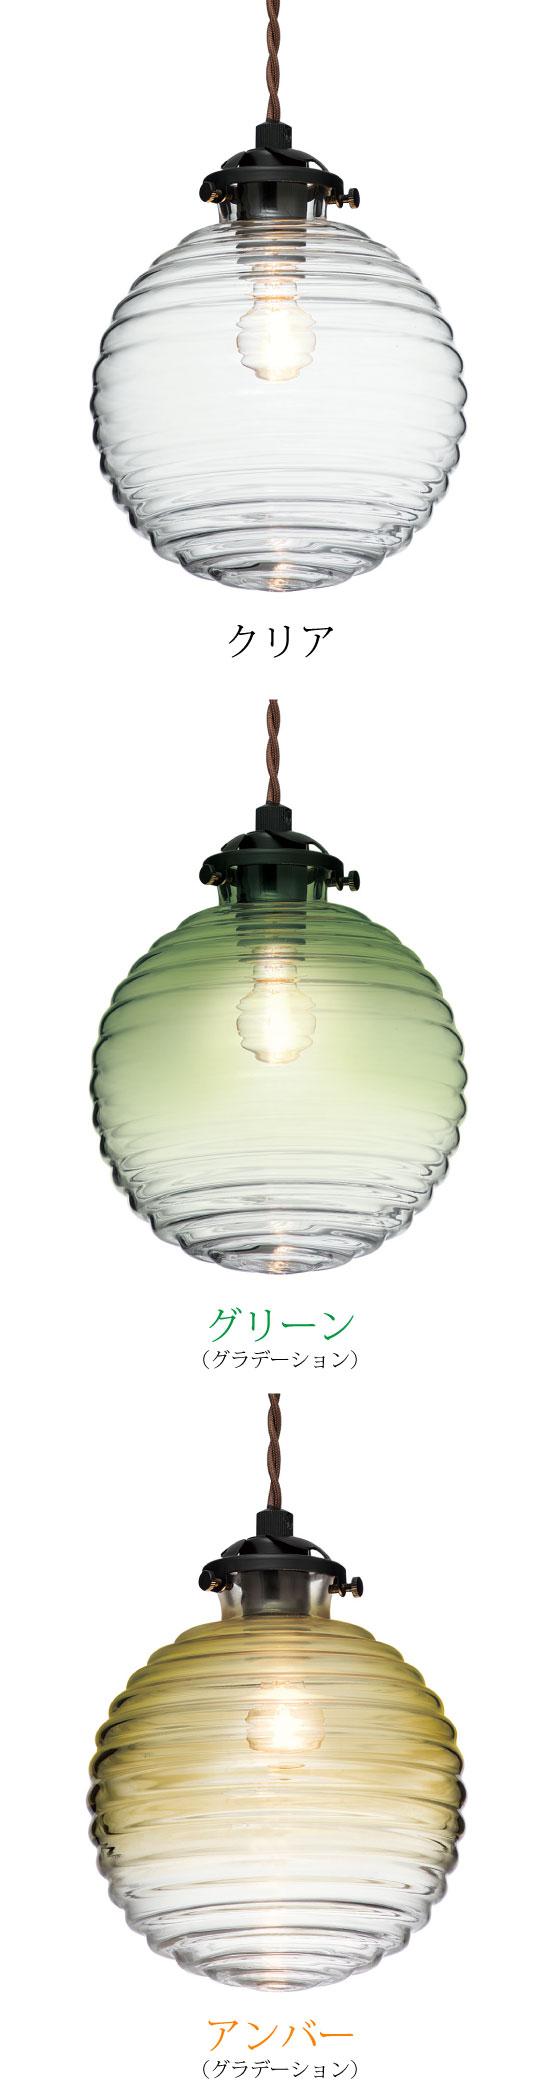 球体ガラス製ライングラデーション・1灯ペンダントライト(LED対応)